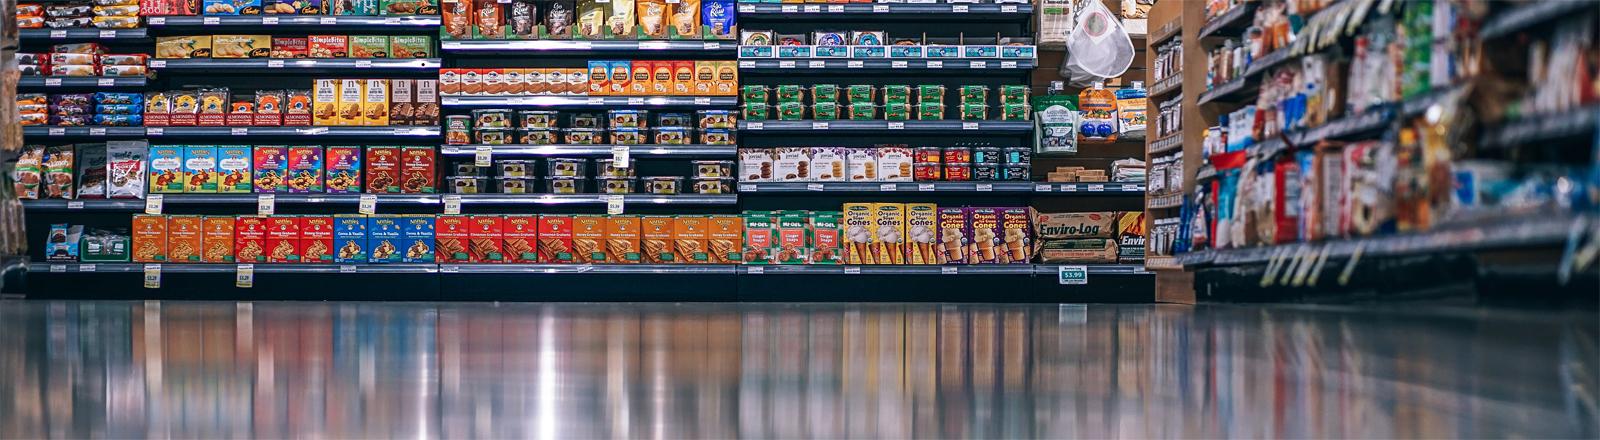 Lebensmittel in einem Supermarkt-Regal